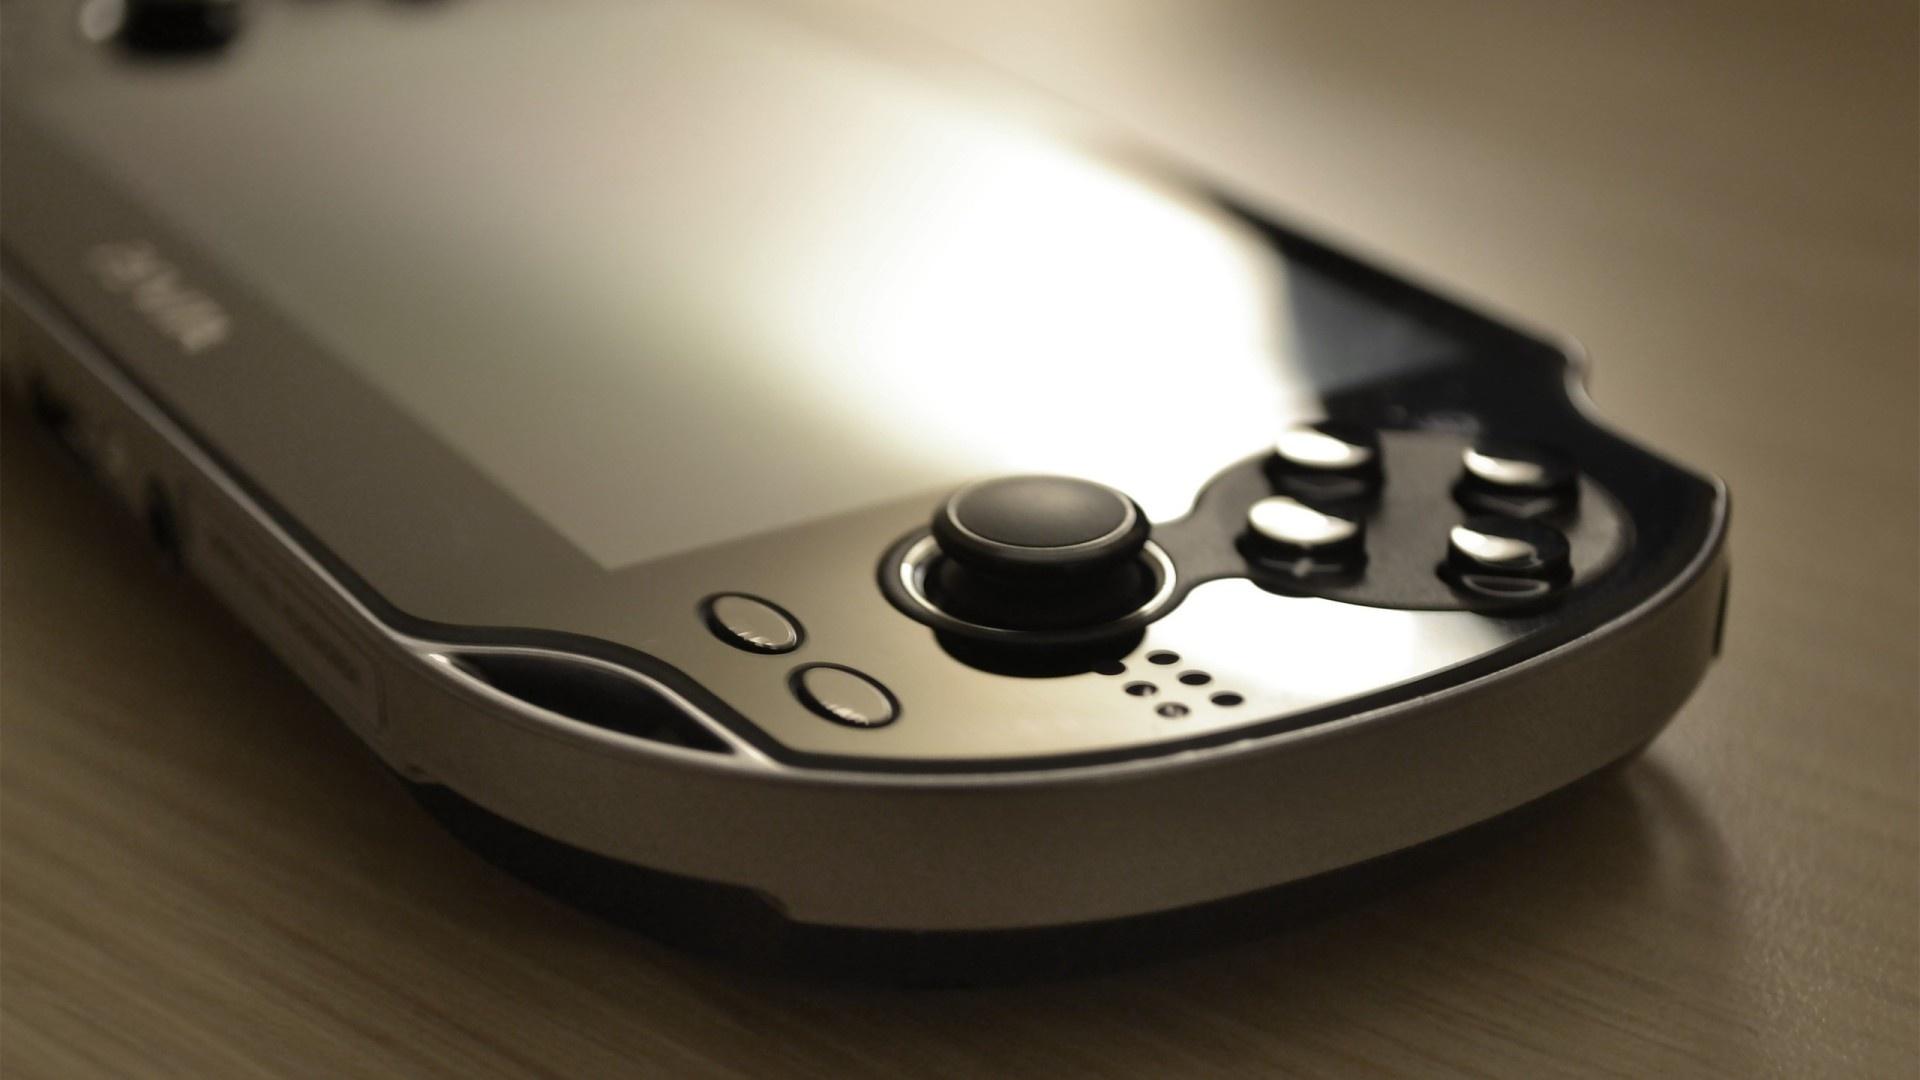 Zbogom PlayStation Vita